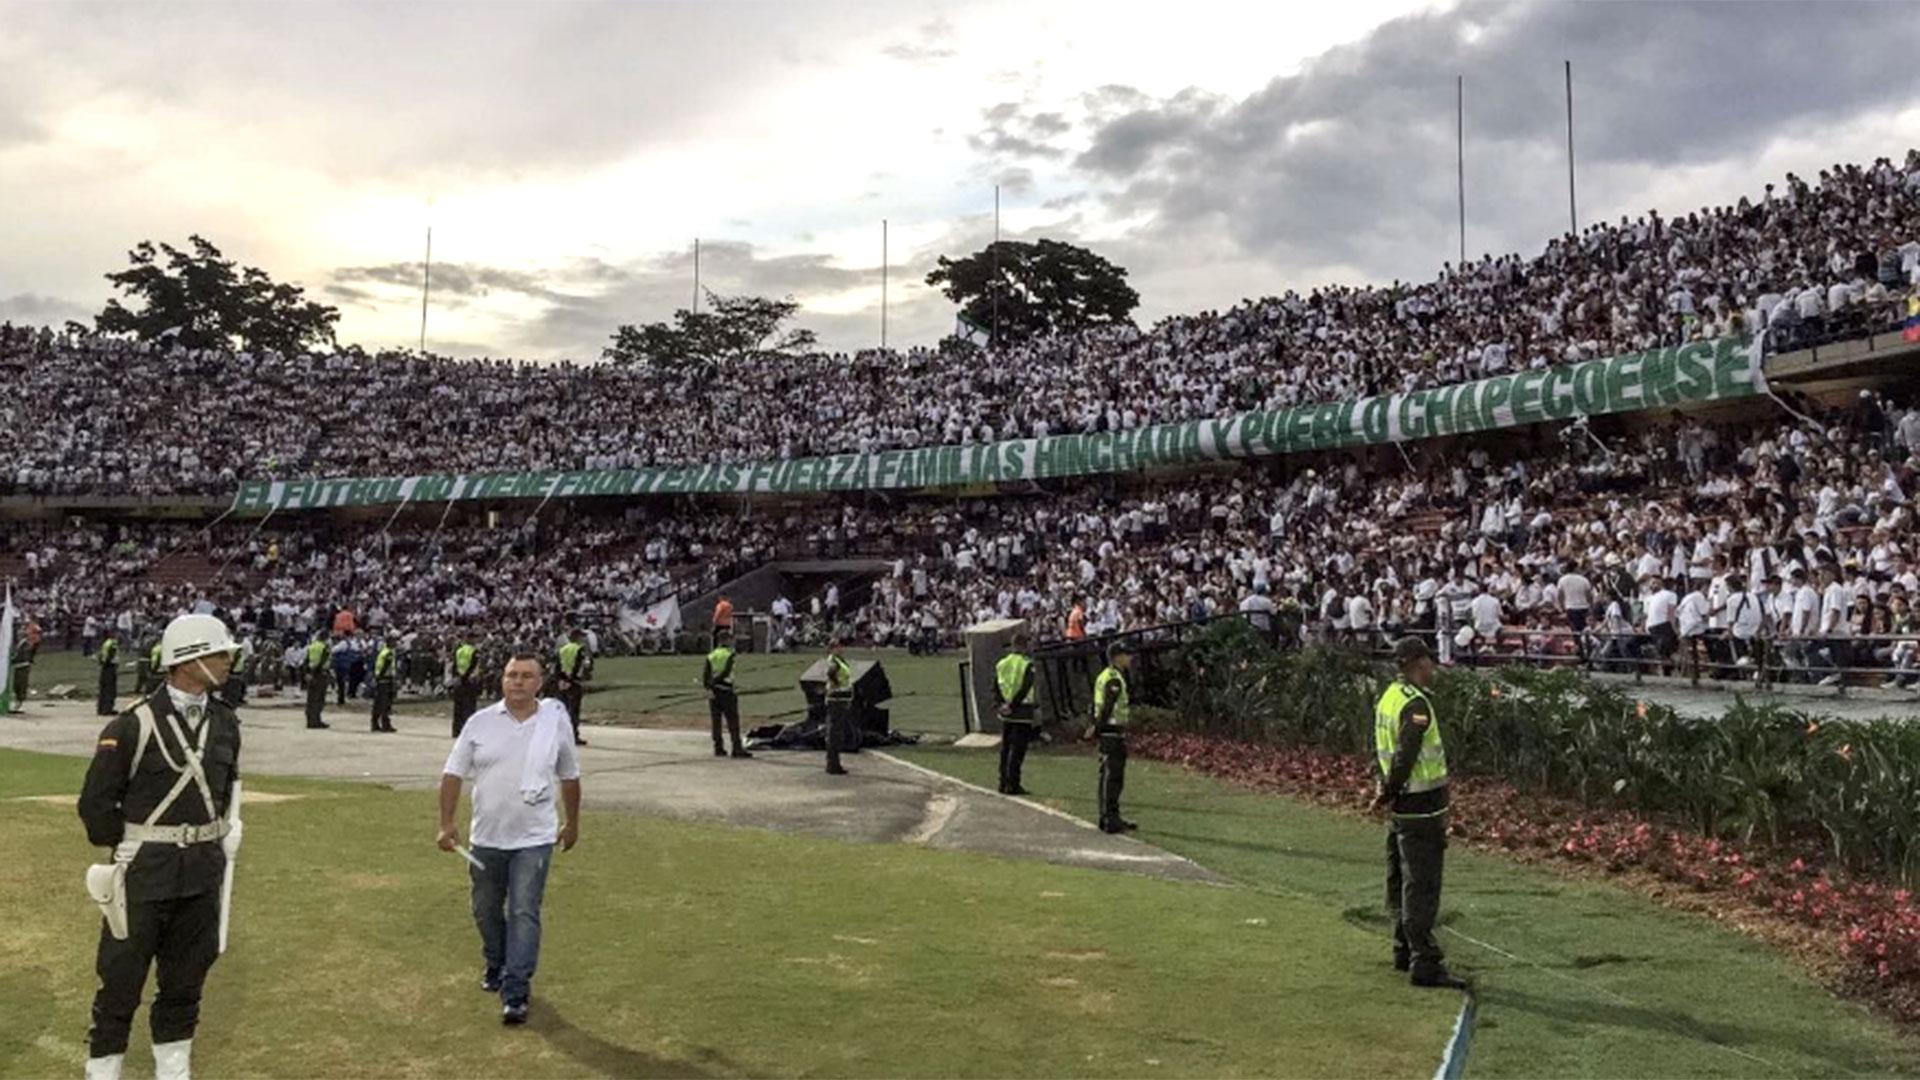 """""""El fútbol no tiene fronteras. Fuerza familias, hinchada y pueblo de Chapecoense"""", la bandera en la tribuna"""